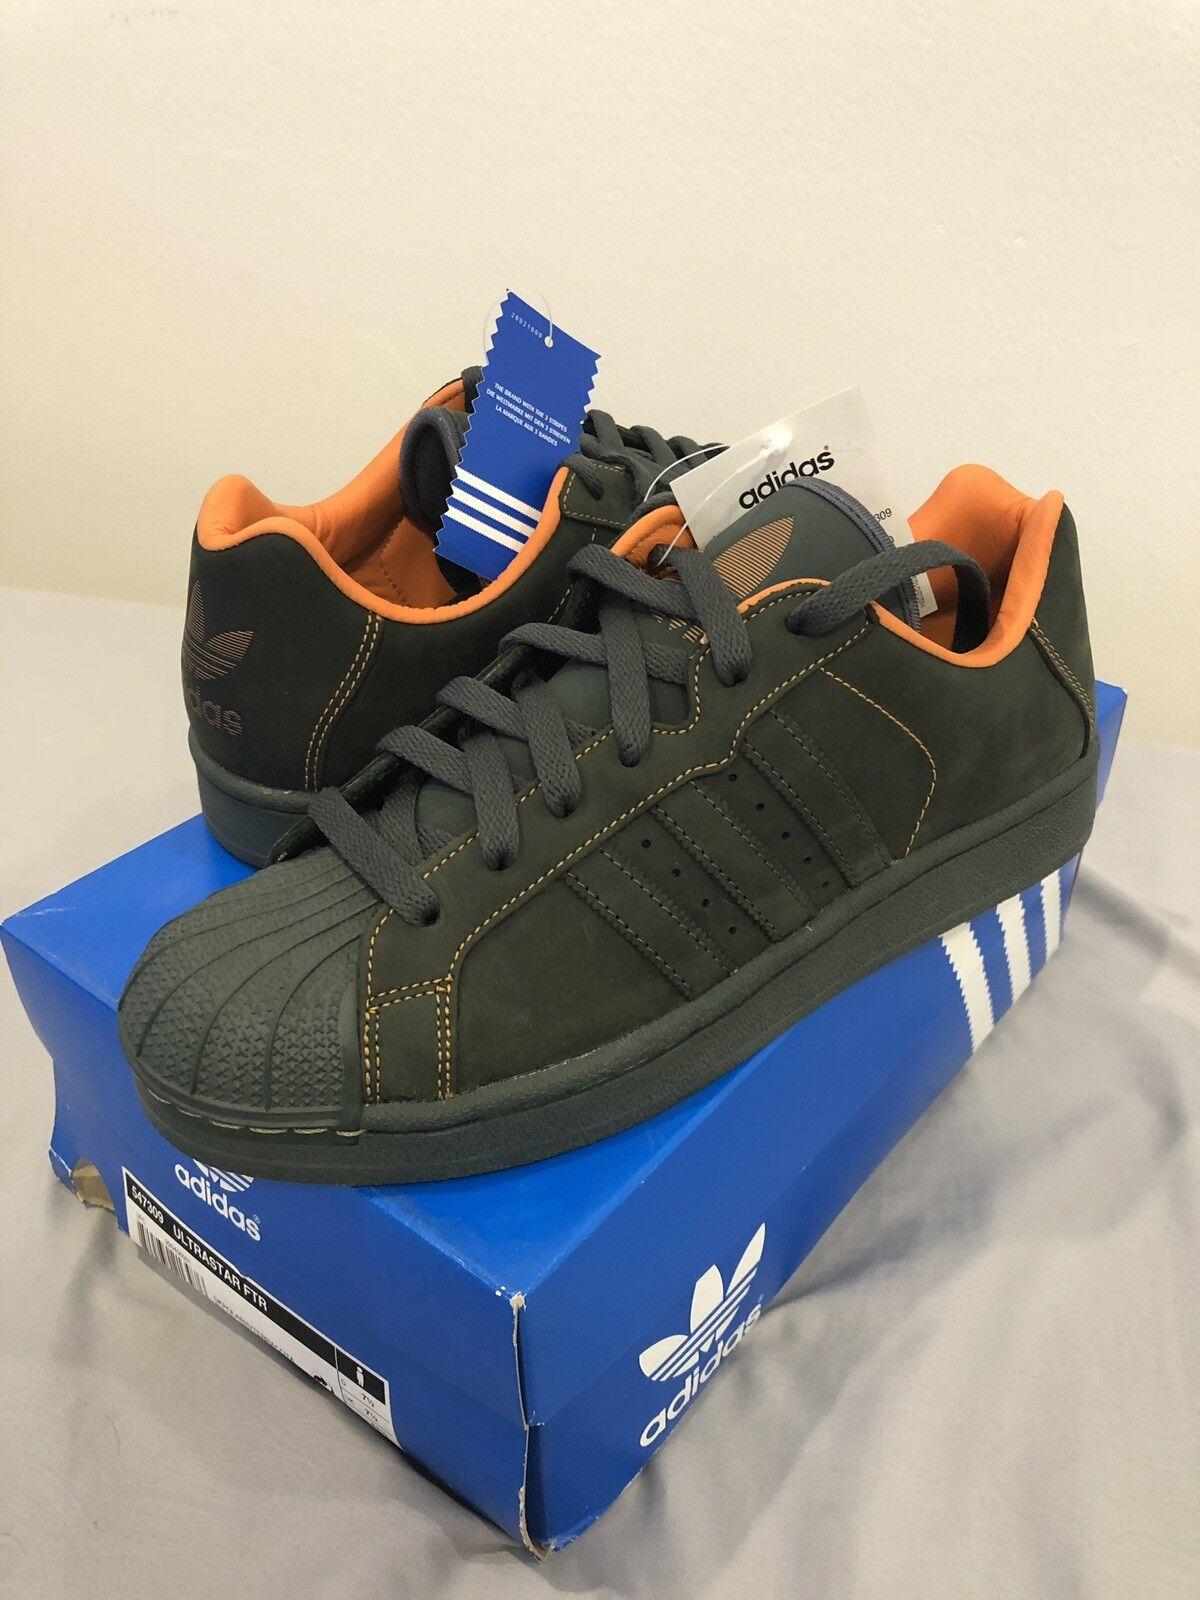 Adidas Ultrastar FTR Size 8 Shelltop